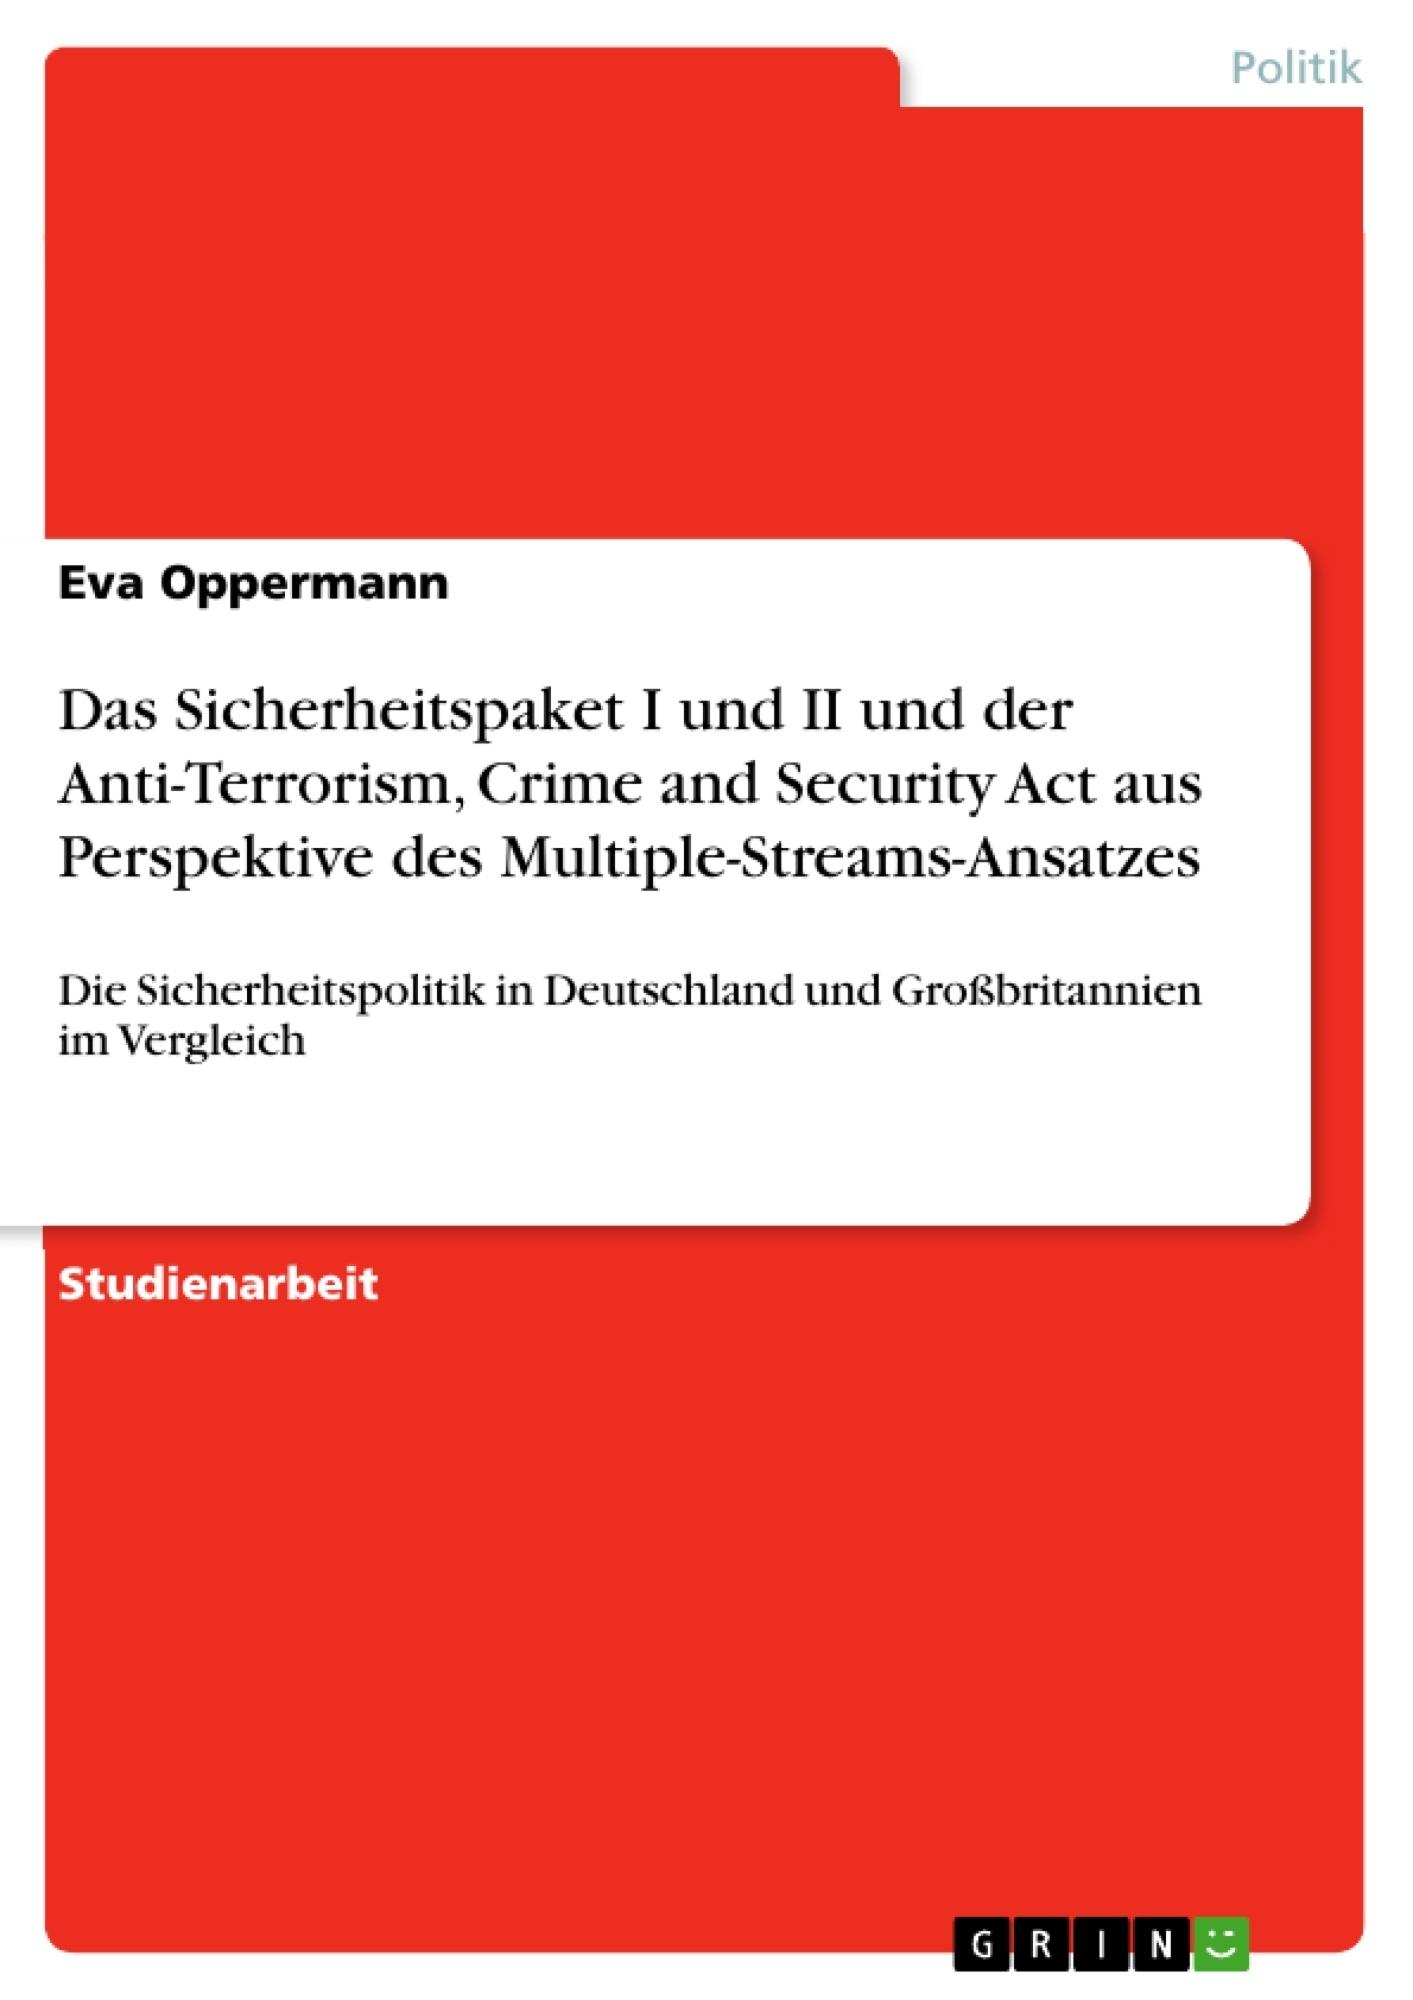 Titel: Das Sicherheitspaket I und II und der Anti-Terrorism, Crime and Security Act aus Perspektive des Multiple-Streams-Ansatzes